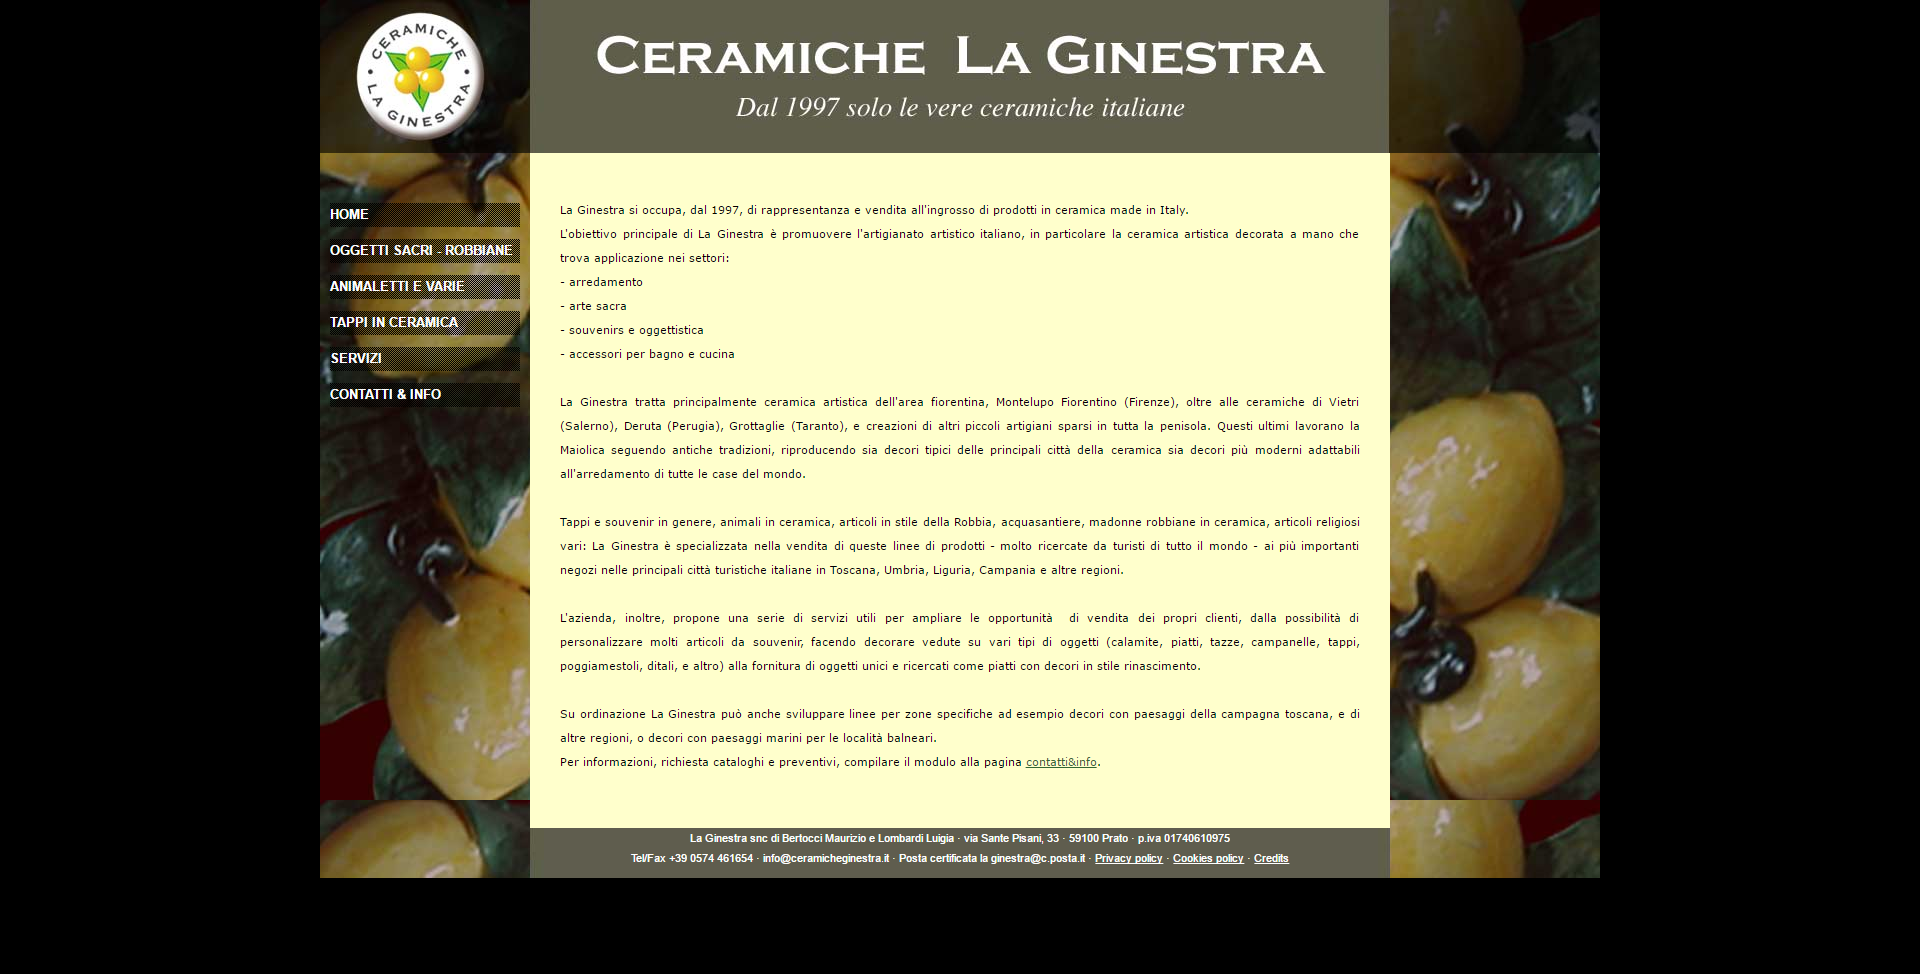 immagine home page del sito ceramiche la ginestra